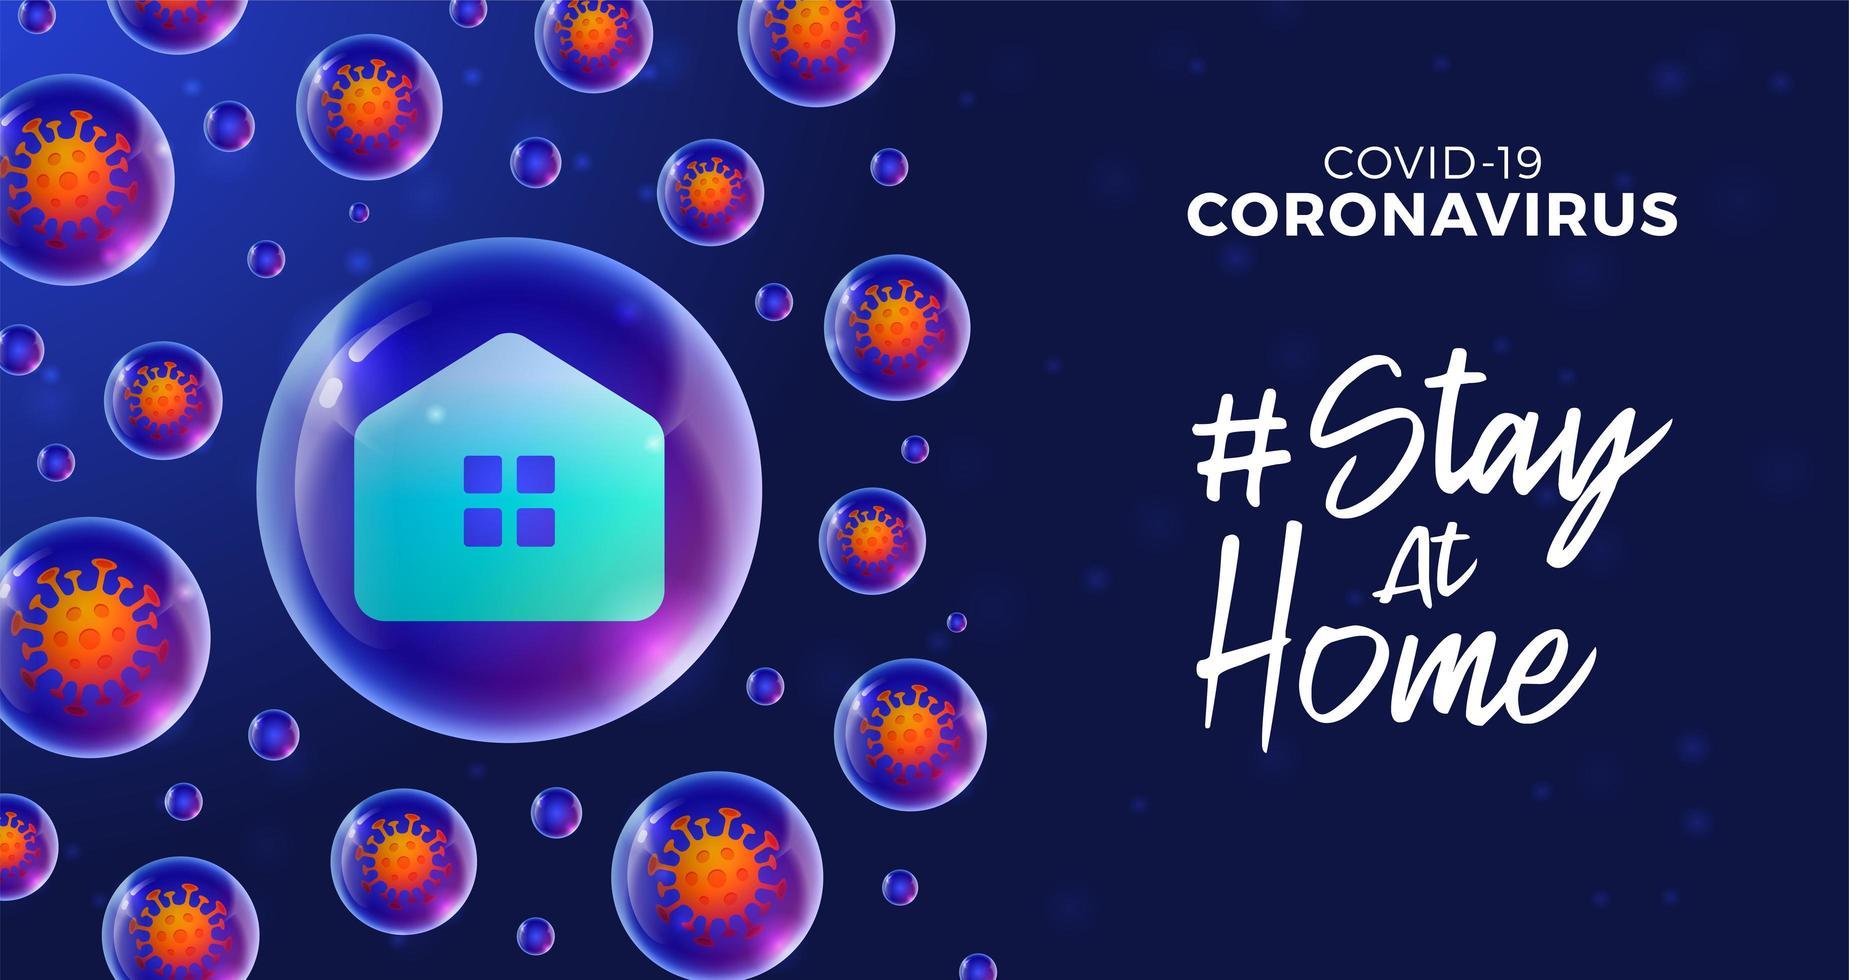 soggiorno futuristico a casa durante il concetto di epidemia di coronavirus. concetto di prevenzione malattia covid-19 con cellule virali, palla realistica lucida su sfondo blu vettore